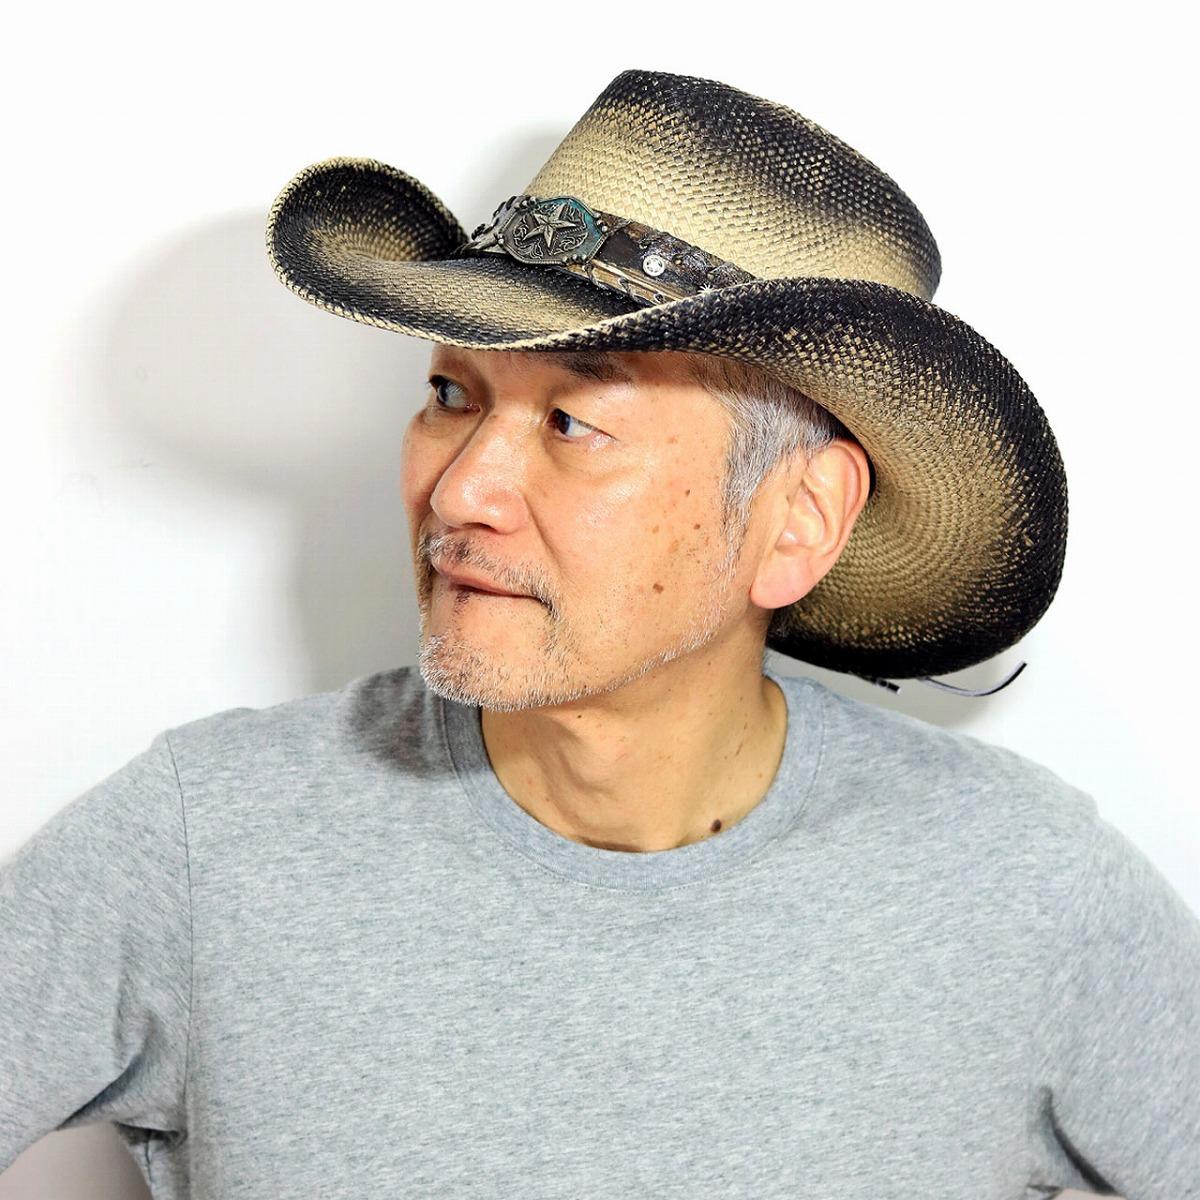 パナマハット メンズ 帽子 テンガロンハット California Hat Company Inc. stampede hat ハット メンズ カウボーイハット スタッズベルト 春 夏 スター ウエスタン パナマ帽 コロンビア製 ブラウンステイン[ panama hat ] [ cowboy hat ] 帽子 日よけ つば広 麦藁帽子